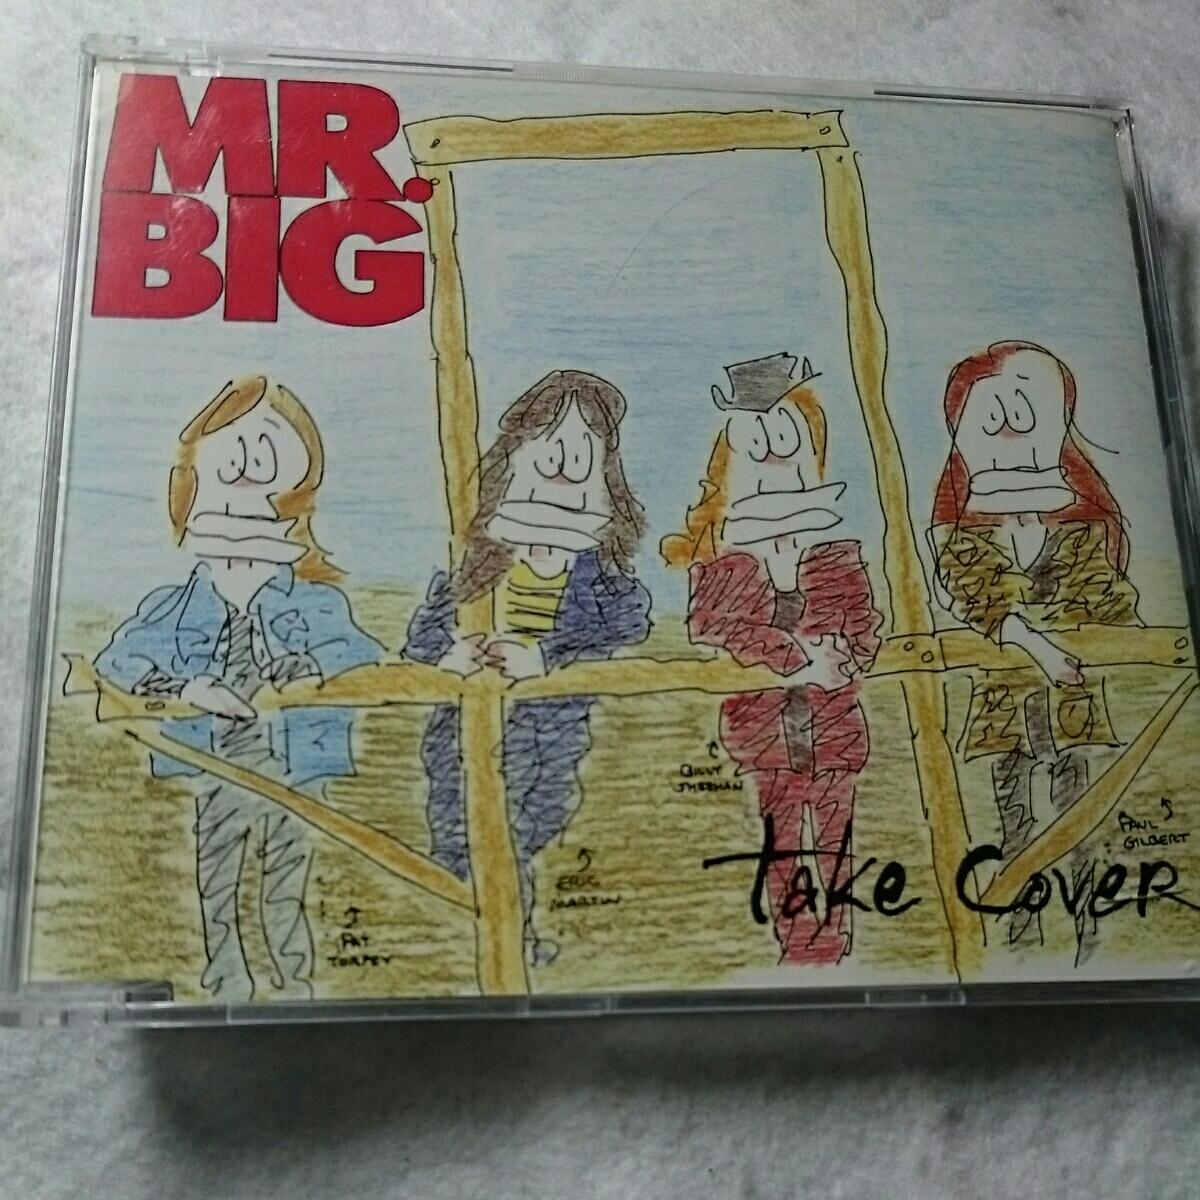 【10点以上の落札で2割引!】(T-8) アーティスト名MR.BIG タイトル名テイク・カヴァー_画像1